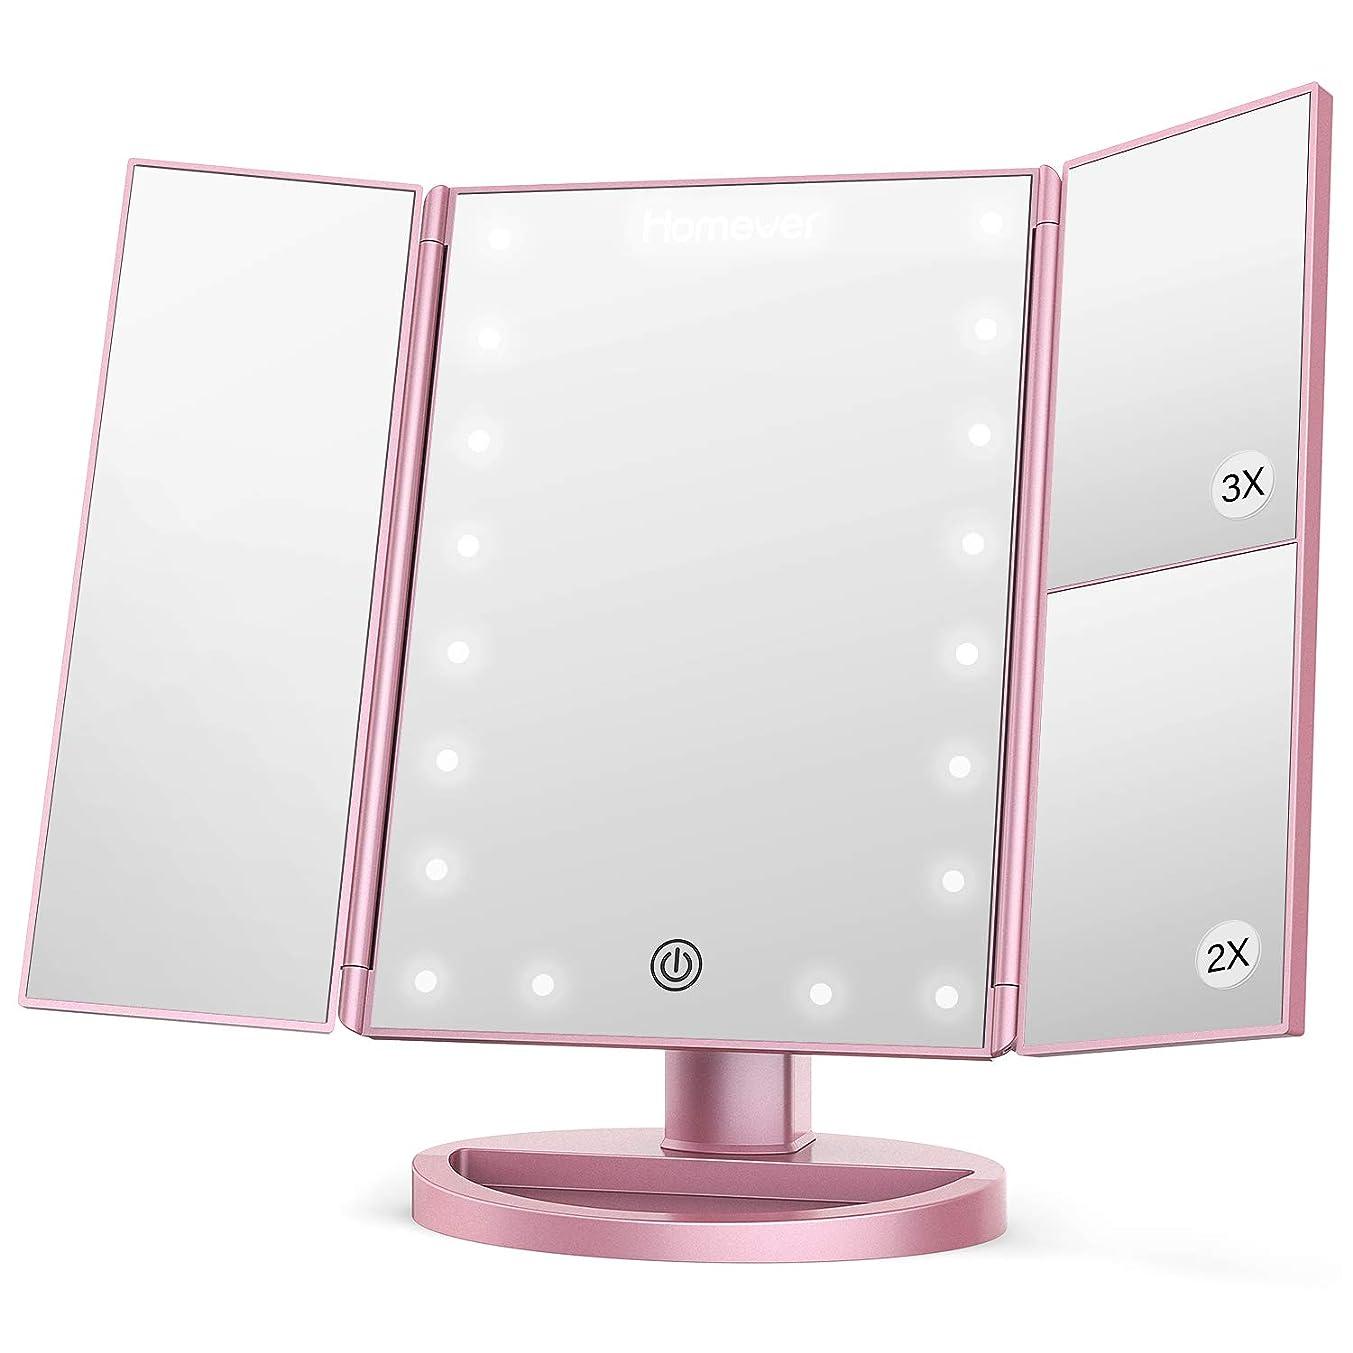 野なドラム散らすHomever 化粧鏡 拡大鏡 鏡 卓上 LEDライト21灯三面鏡 2&3倍拡大鏡付 180 °回転 折りたたみ式 タッチパネル 明るさ?角度自由調整 女優ミラー 電池&USB 2WAY給電